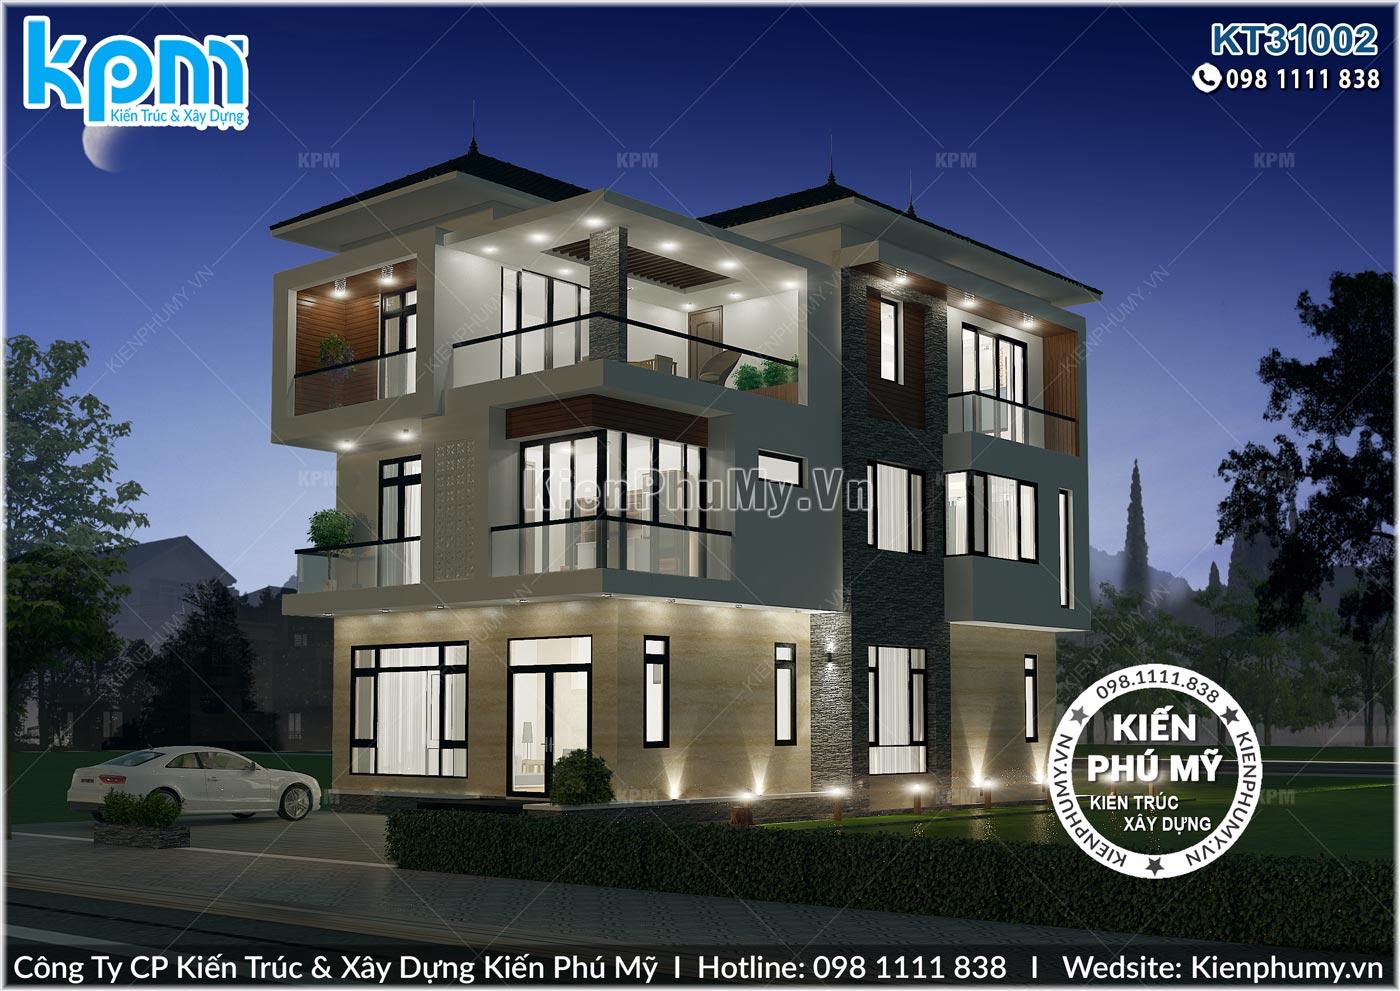 Thiết kế chiếu sáng ban đêm đẹp lung linh của căn biệt thự 3 tầng hiện đại